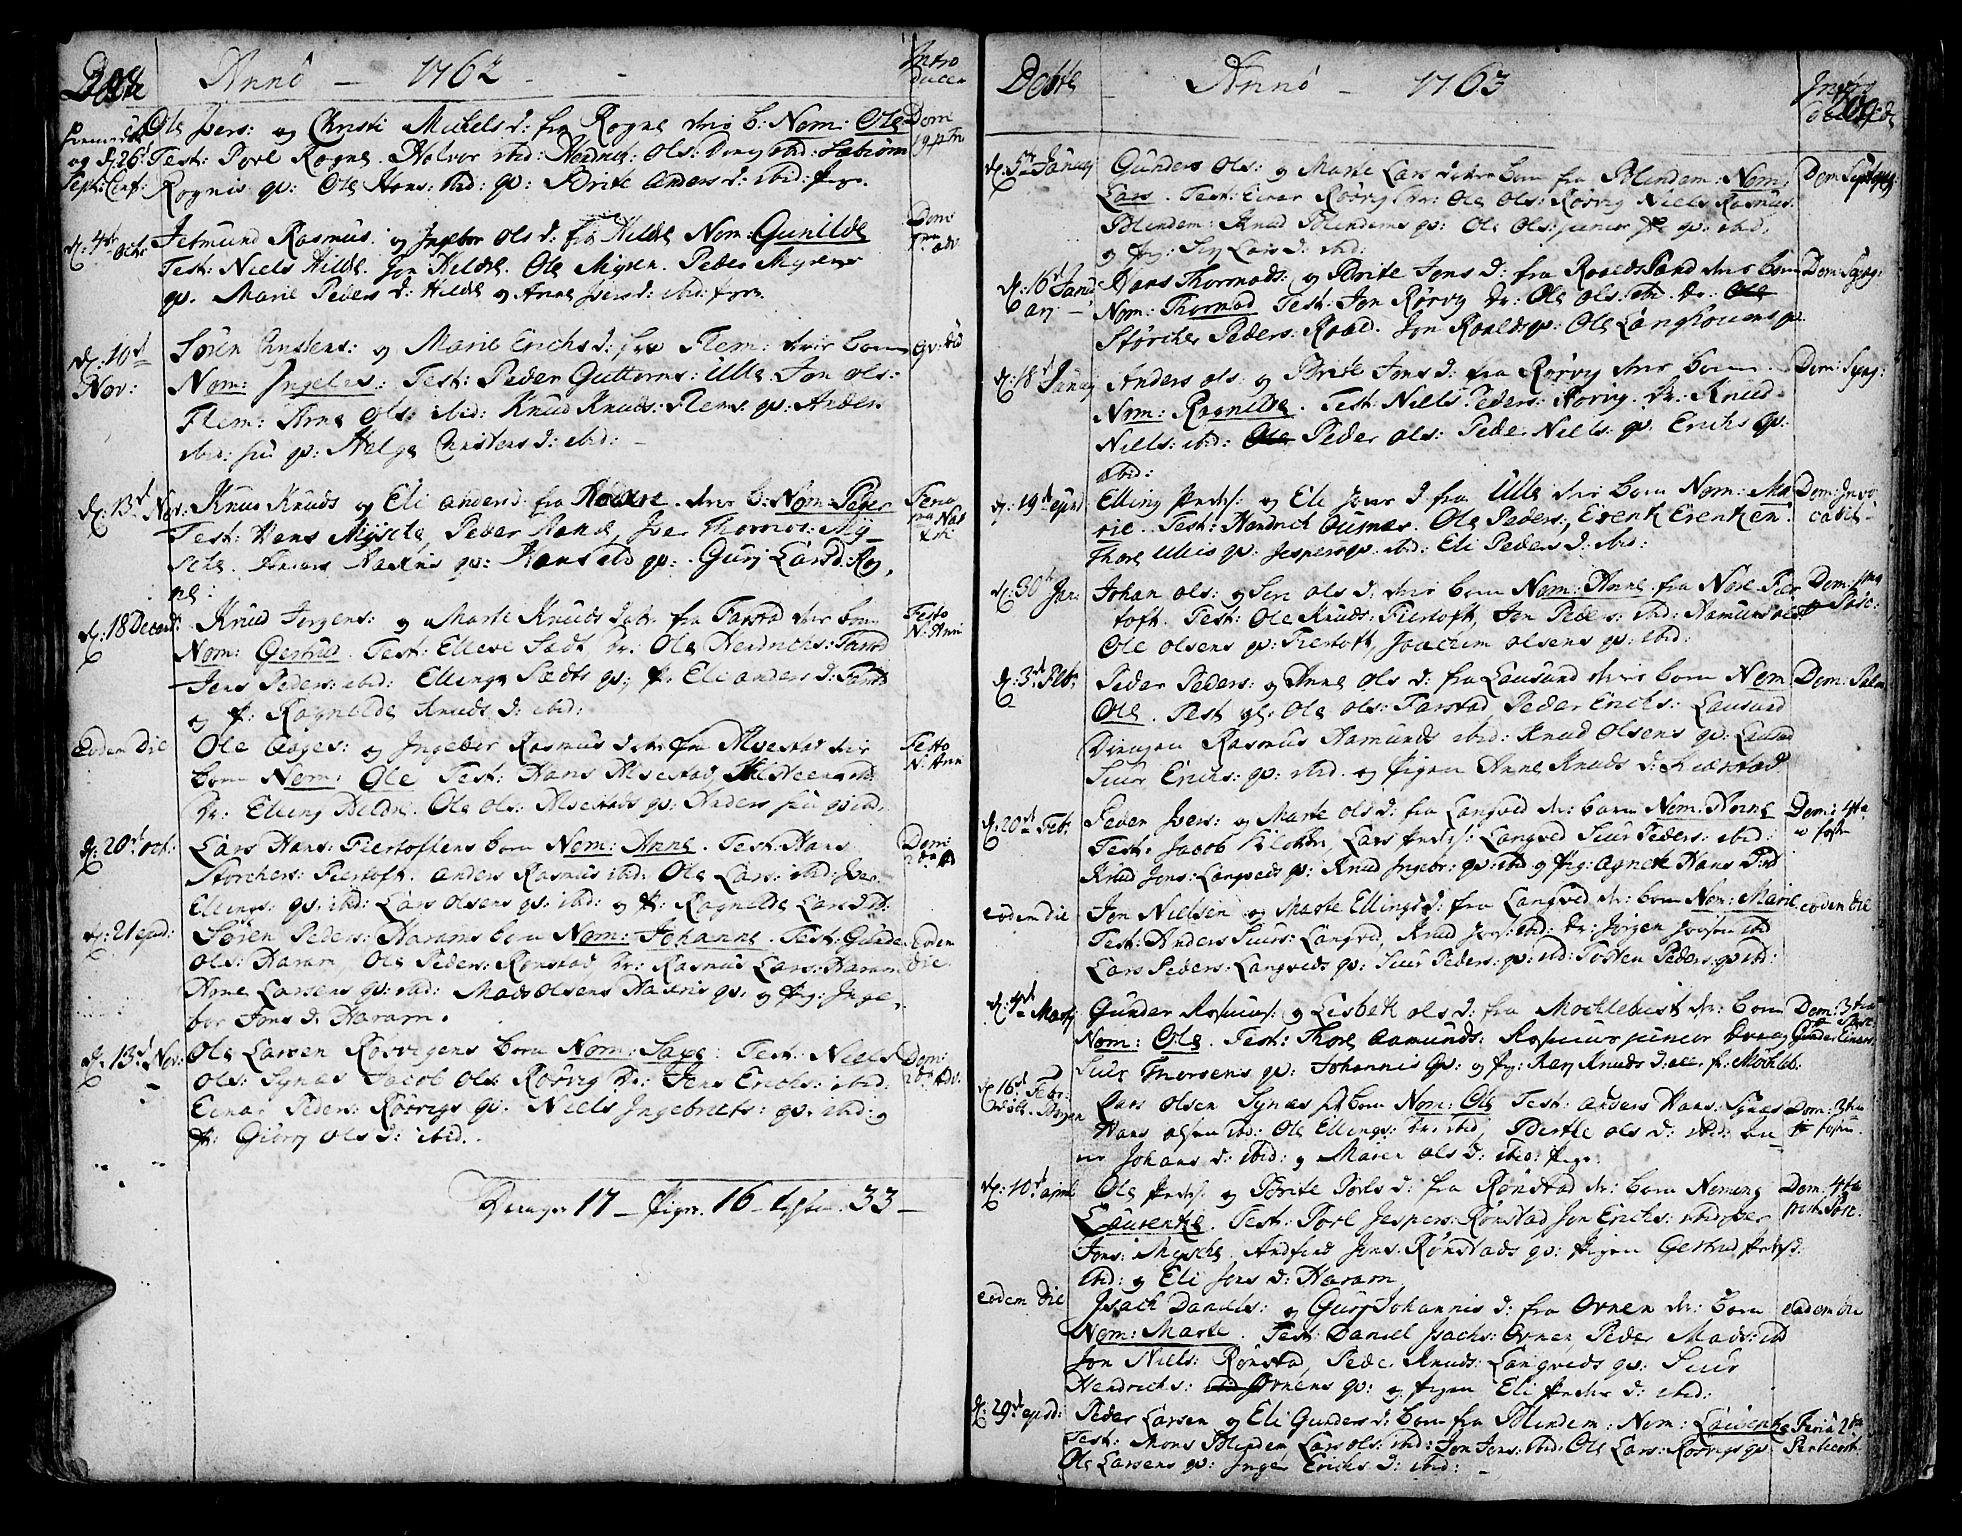 SAT, Ministerialprotokoller, klokkerbøker og fødselsregistre - Møre og Romsdal, 536/L0493: Ministerialbok nr. 536A02, 1739-1802, s. 208-209